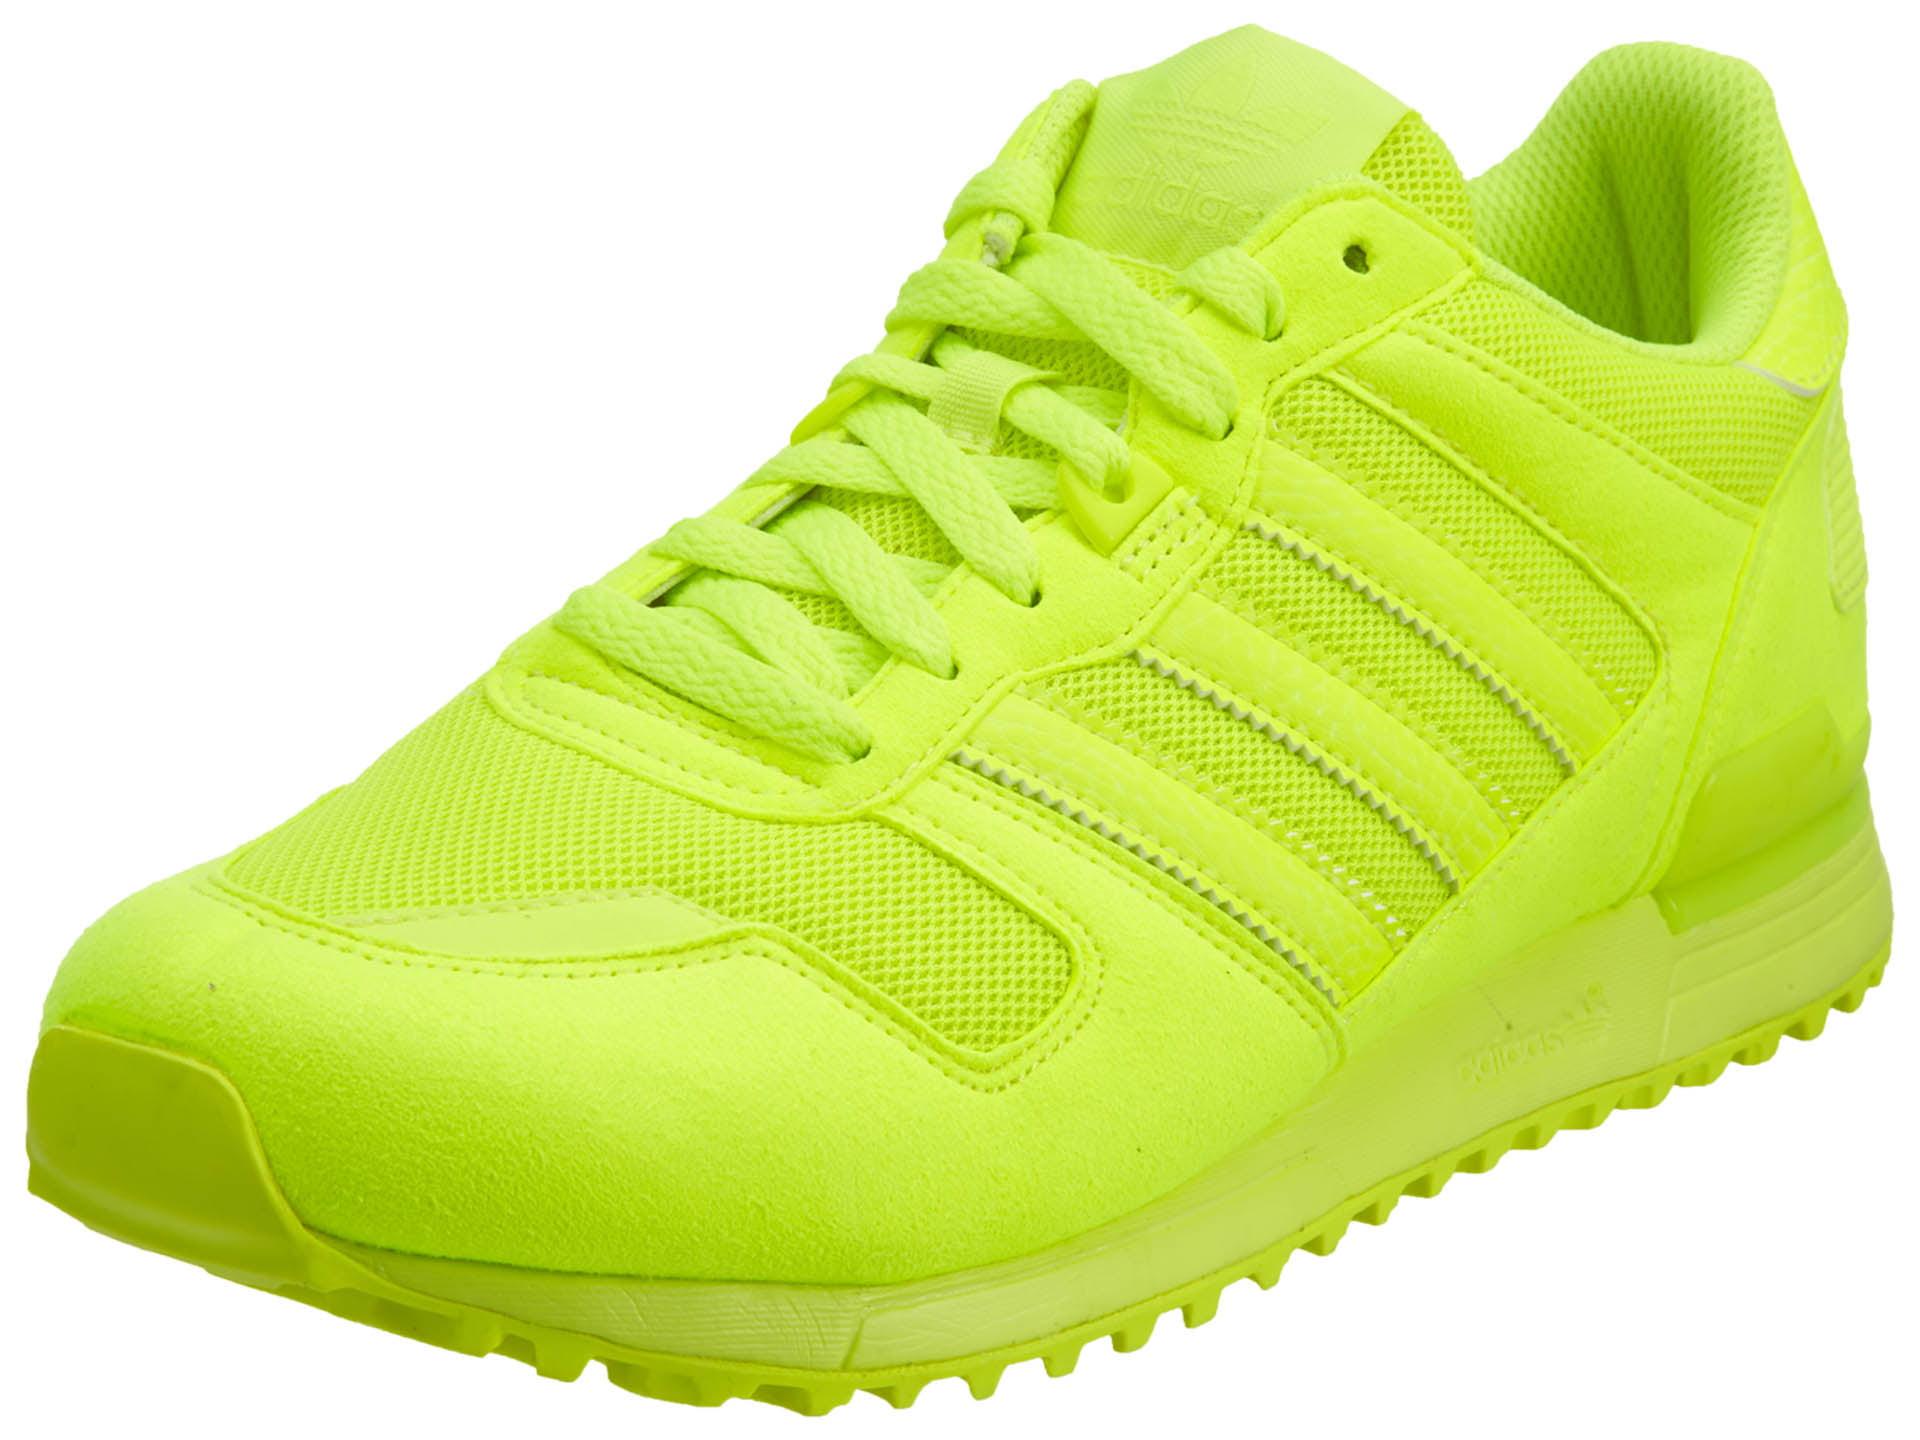 Adidas zx 700 hombre 's zapatos comparar precios en Nextag